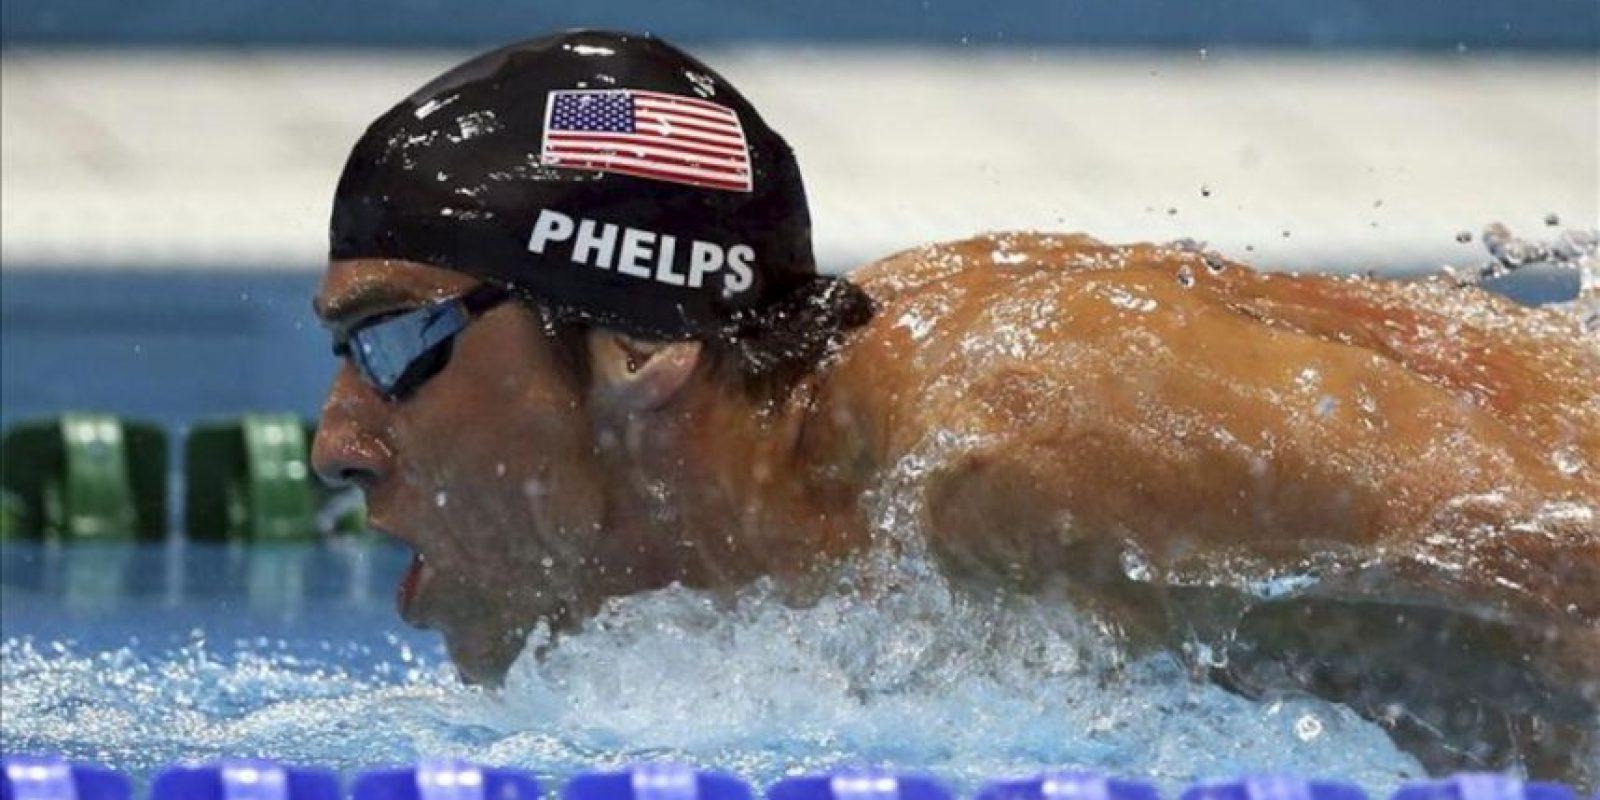 El nadador estadounidense Michael Phelps en acción durante la final de los 400m estilos de los Juegos Olímpicos Londres 2012, en el Centro Acuático de Londres. EFE